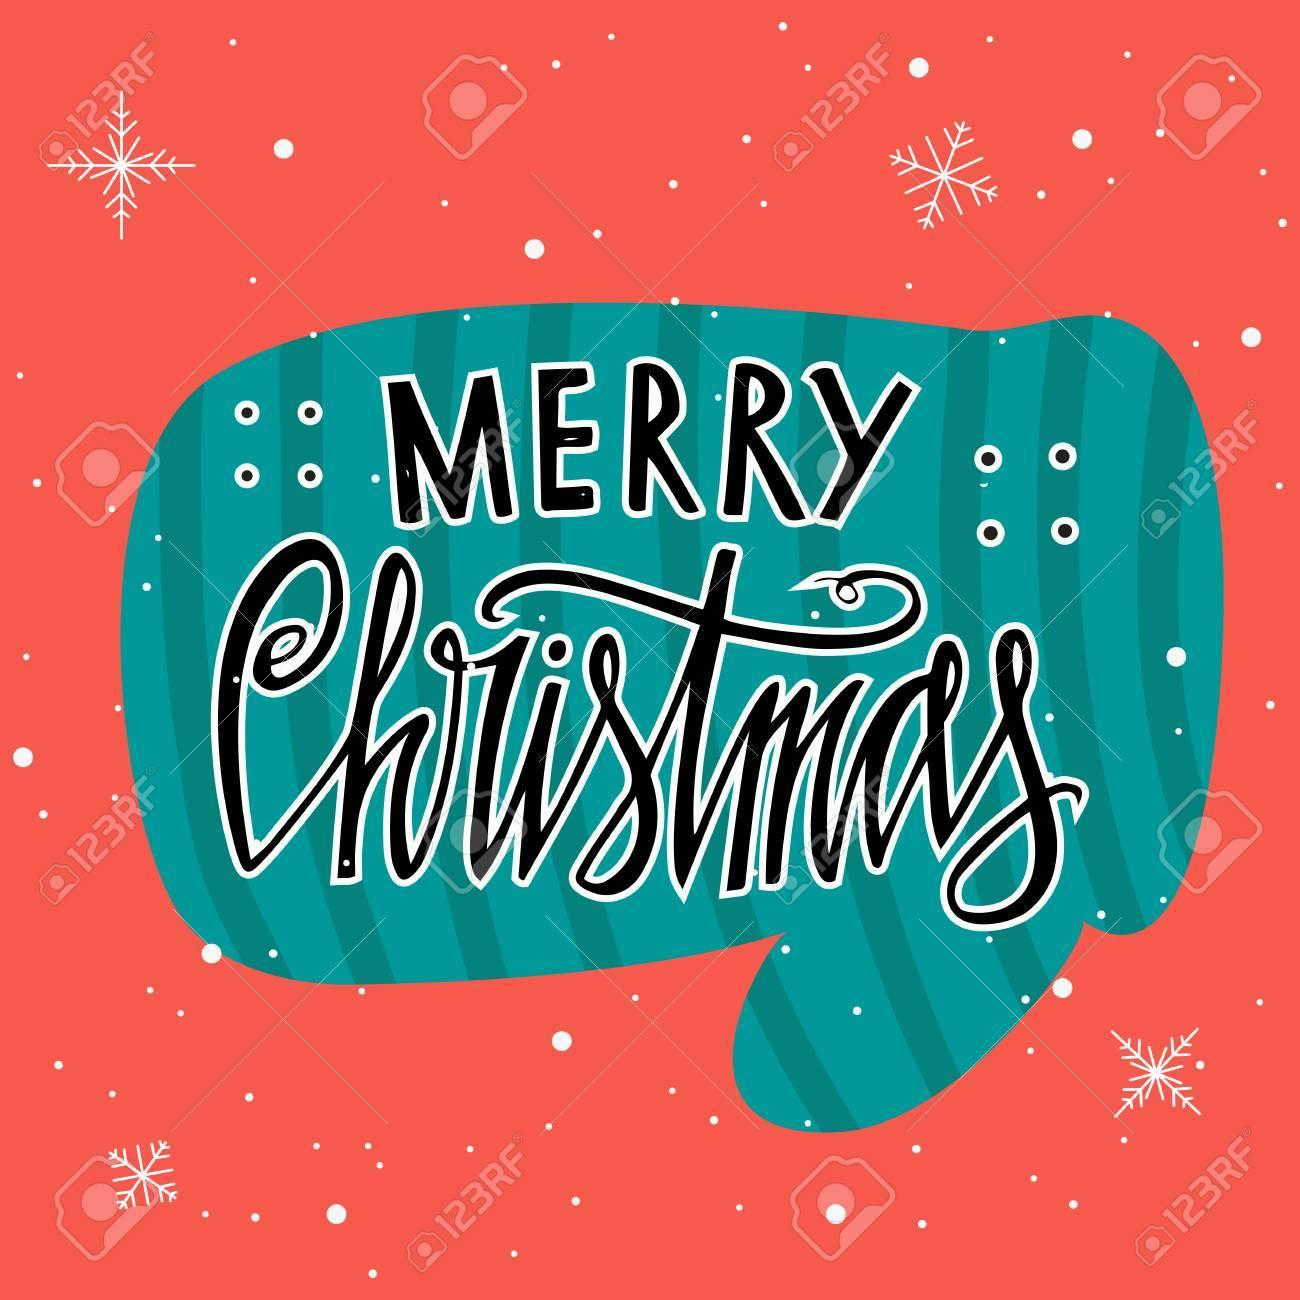 Feliz Natal Cartão De Natal Vintage Com Tipografia Luva E Floco De Neve Caligrafia Desejos Frases Perfeito Grande Elemento De Design Para Cartões